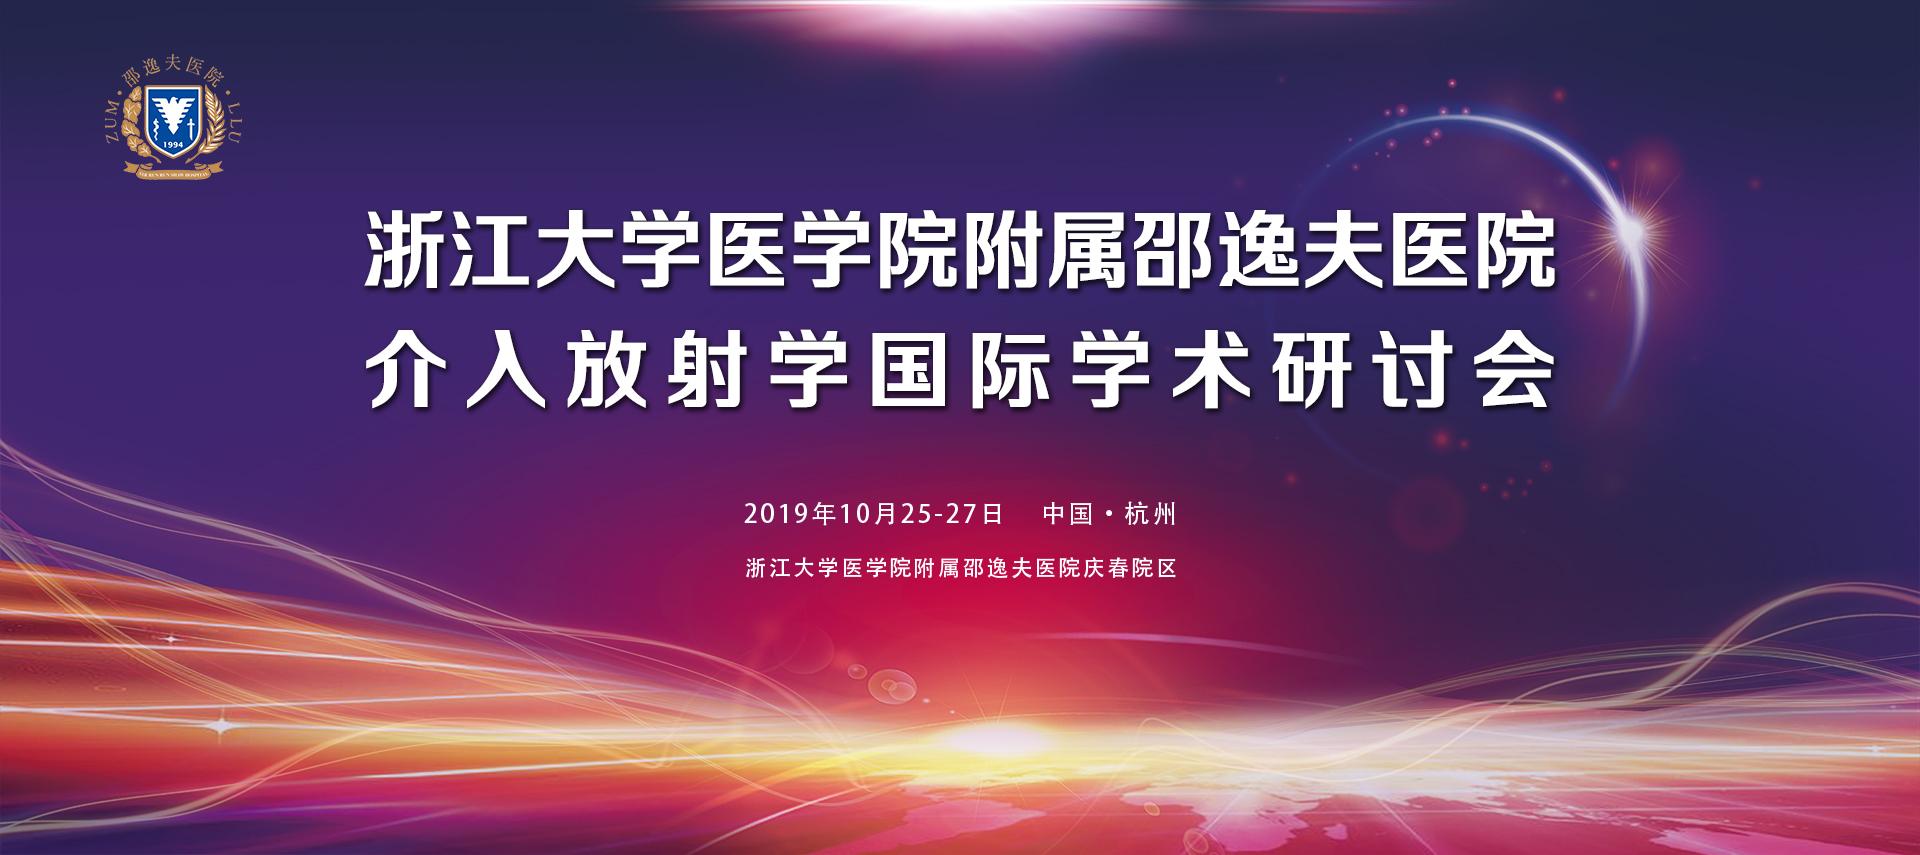 浙江大学医学院附属邵逸夫医院 2019年介入放射学国际学术研讨会